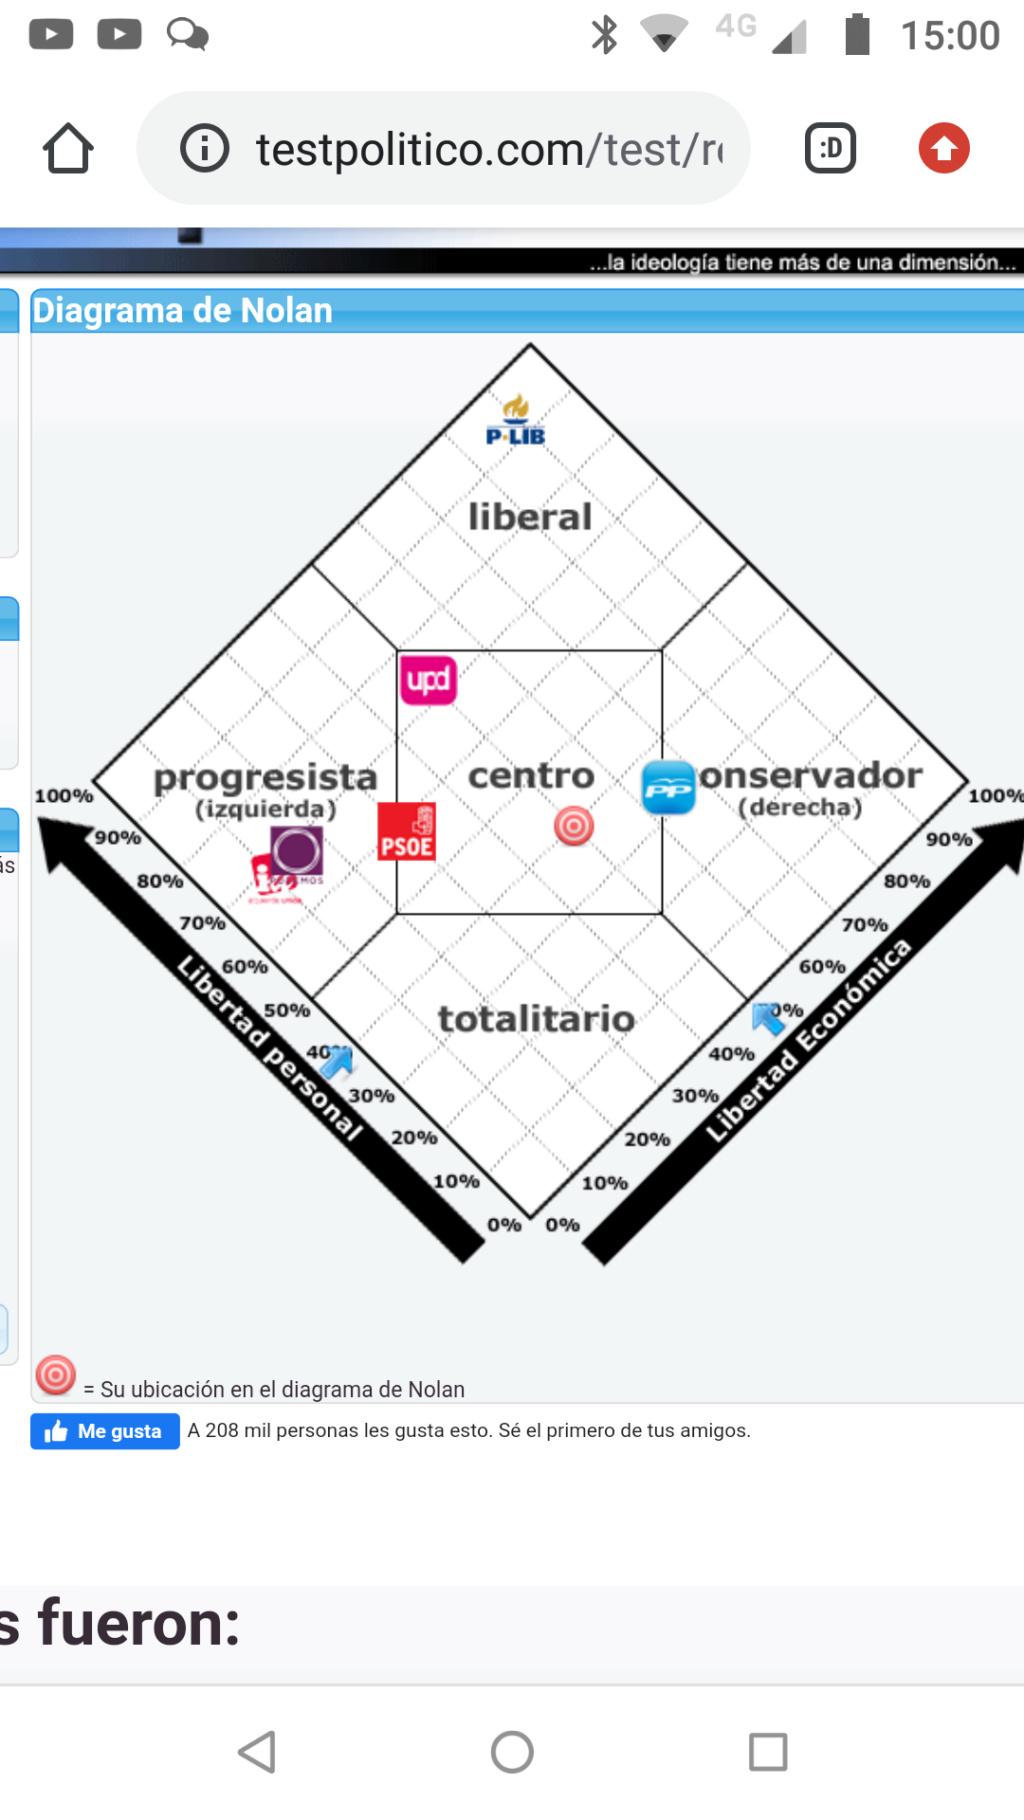 Diagrama de Nolan (Test político) Screen10